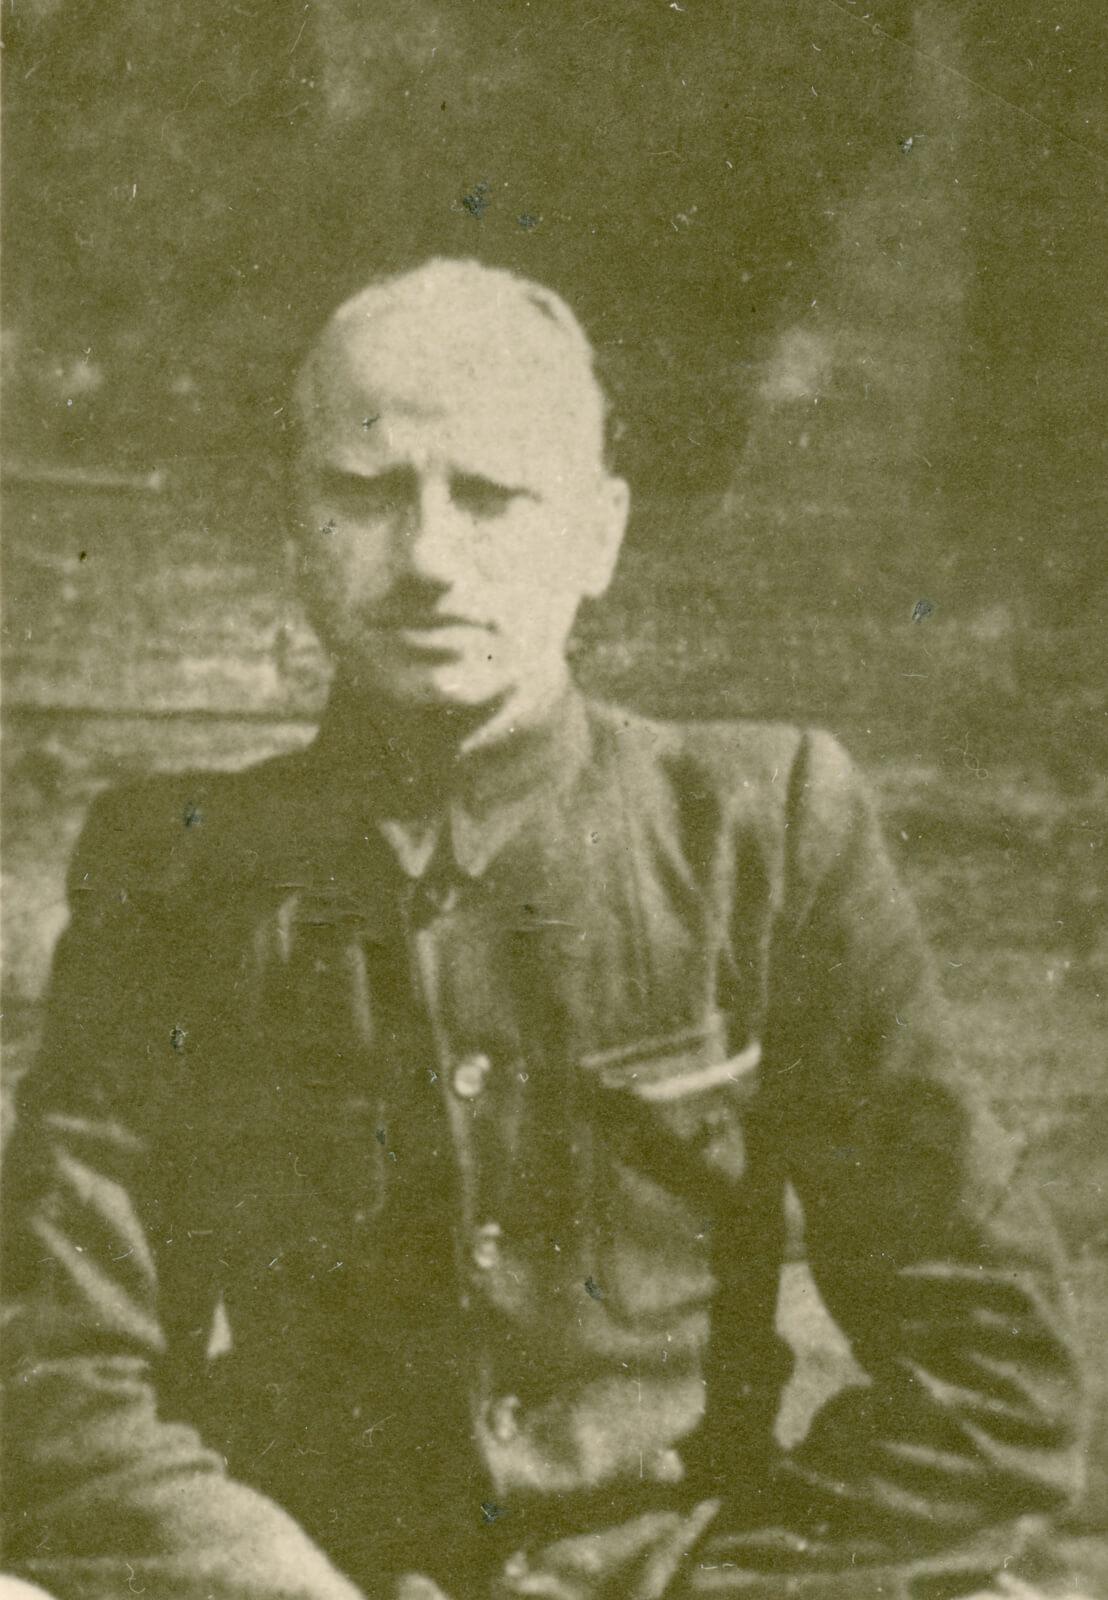 Uroczystości pogrzebowe Mjr Zygmunta Szendzielarza